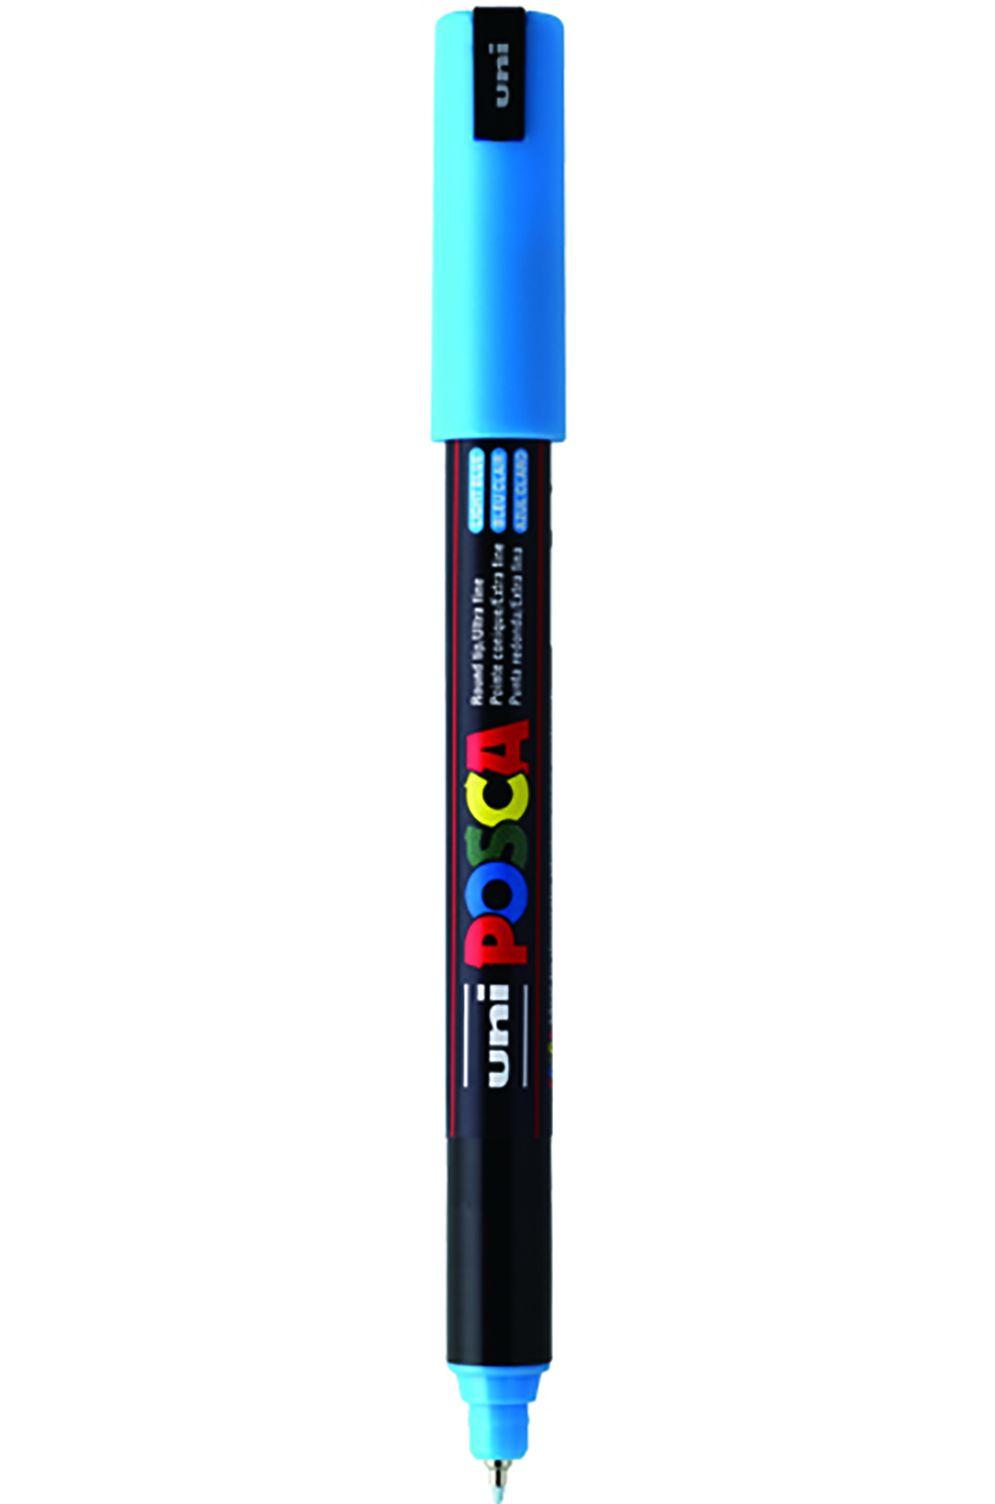 Posca Pen 1M Azul Claro